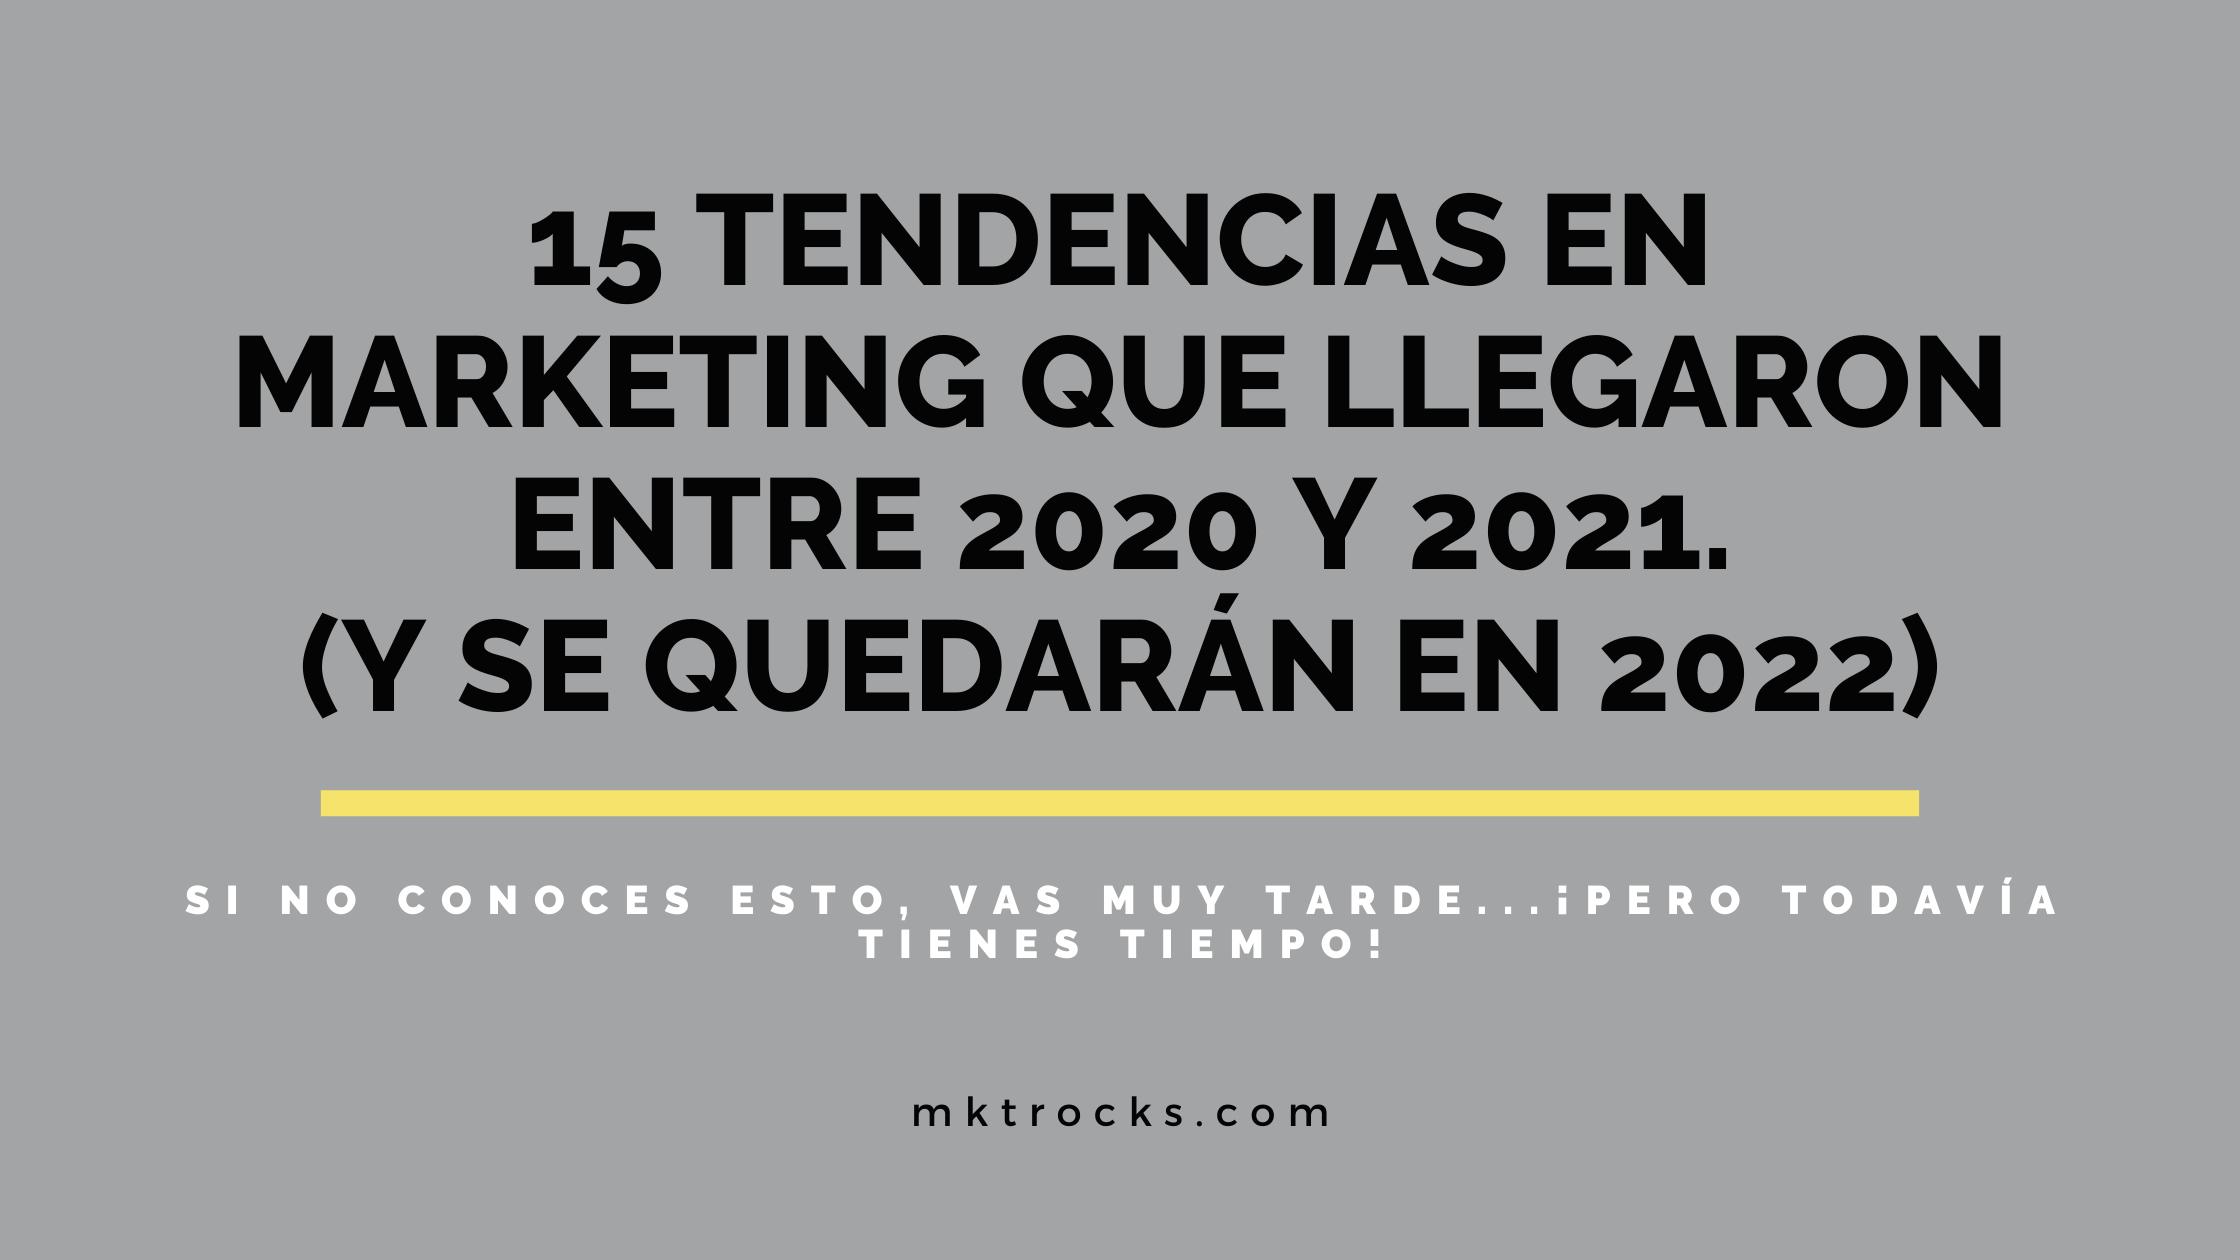 15 Tendencias en Marketing que llegaron entre 2020 y 2021 y se quedarán en 2022.